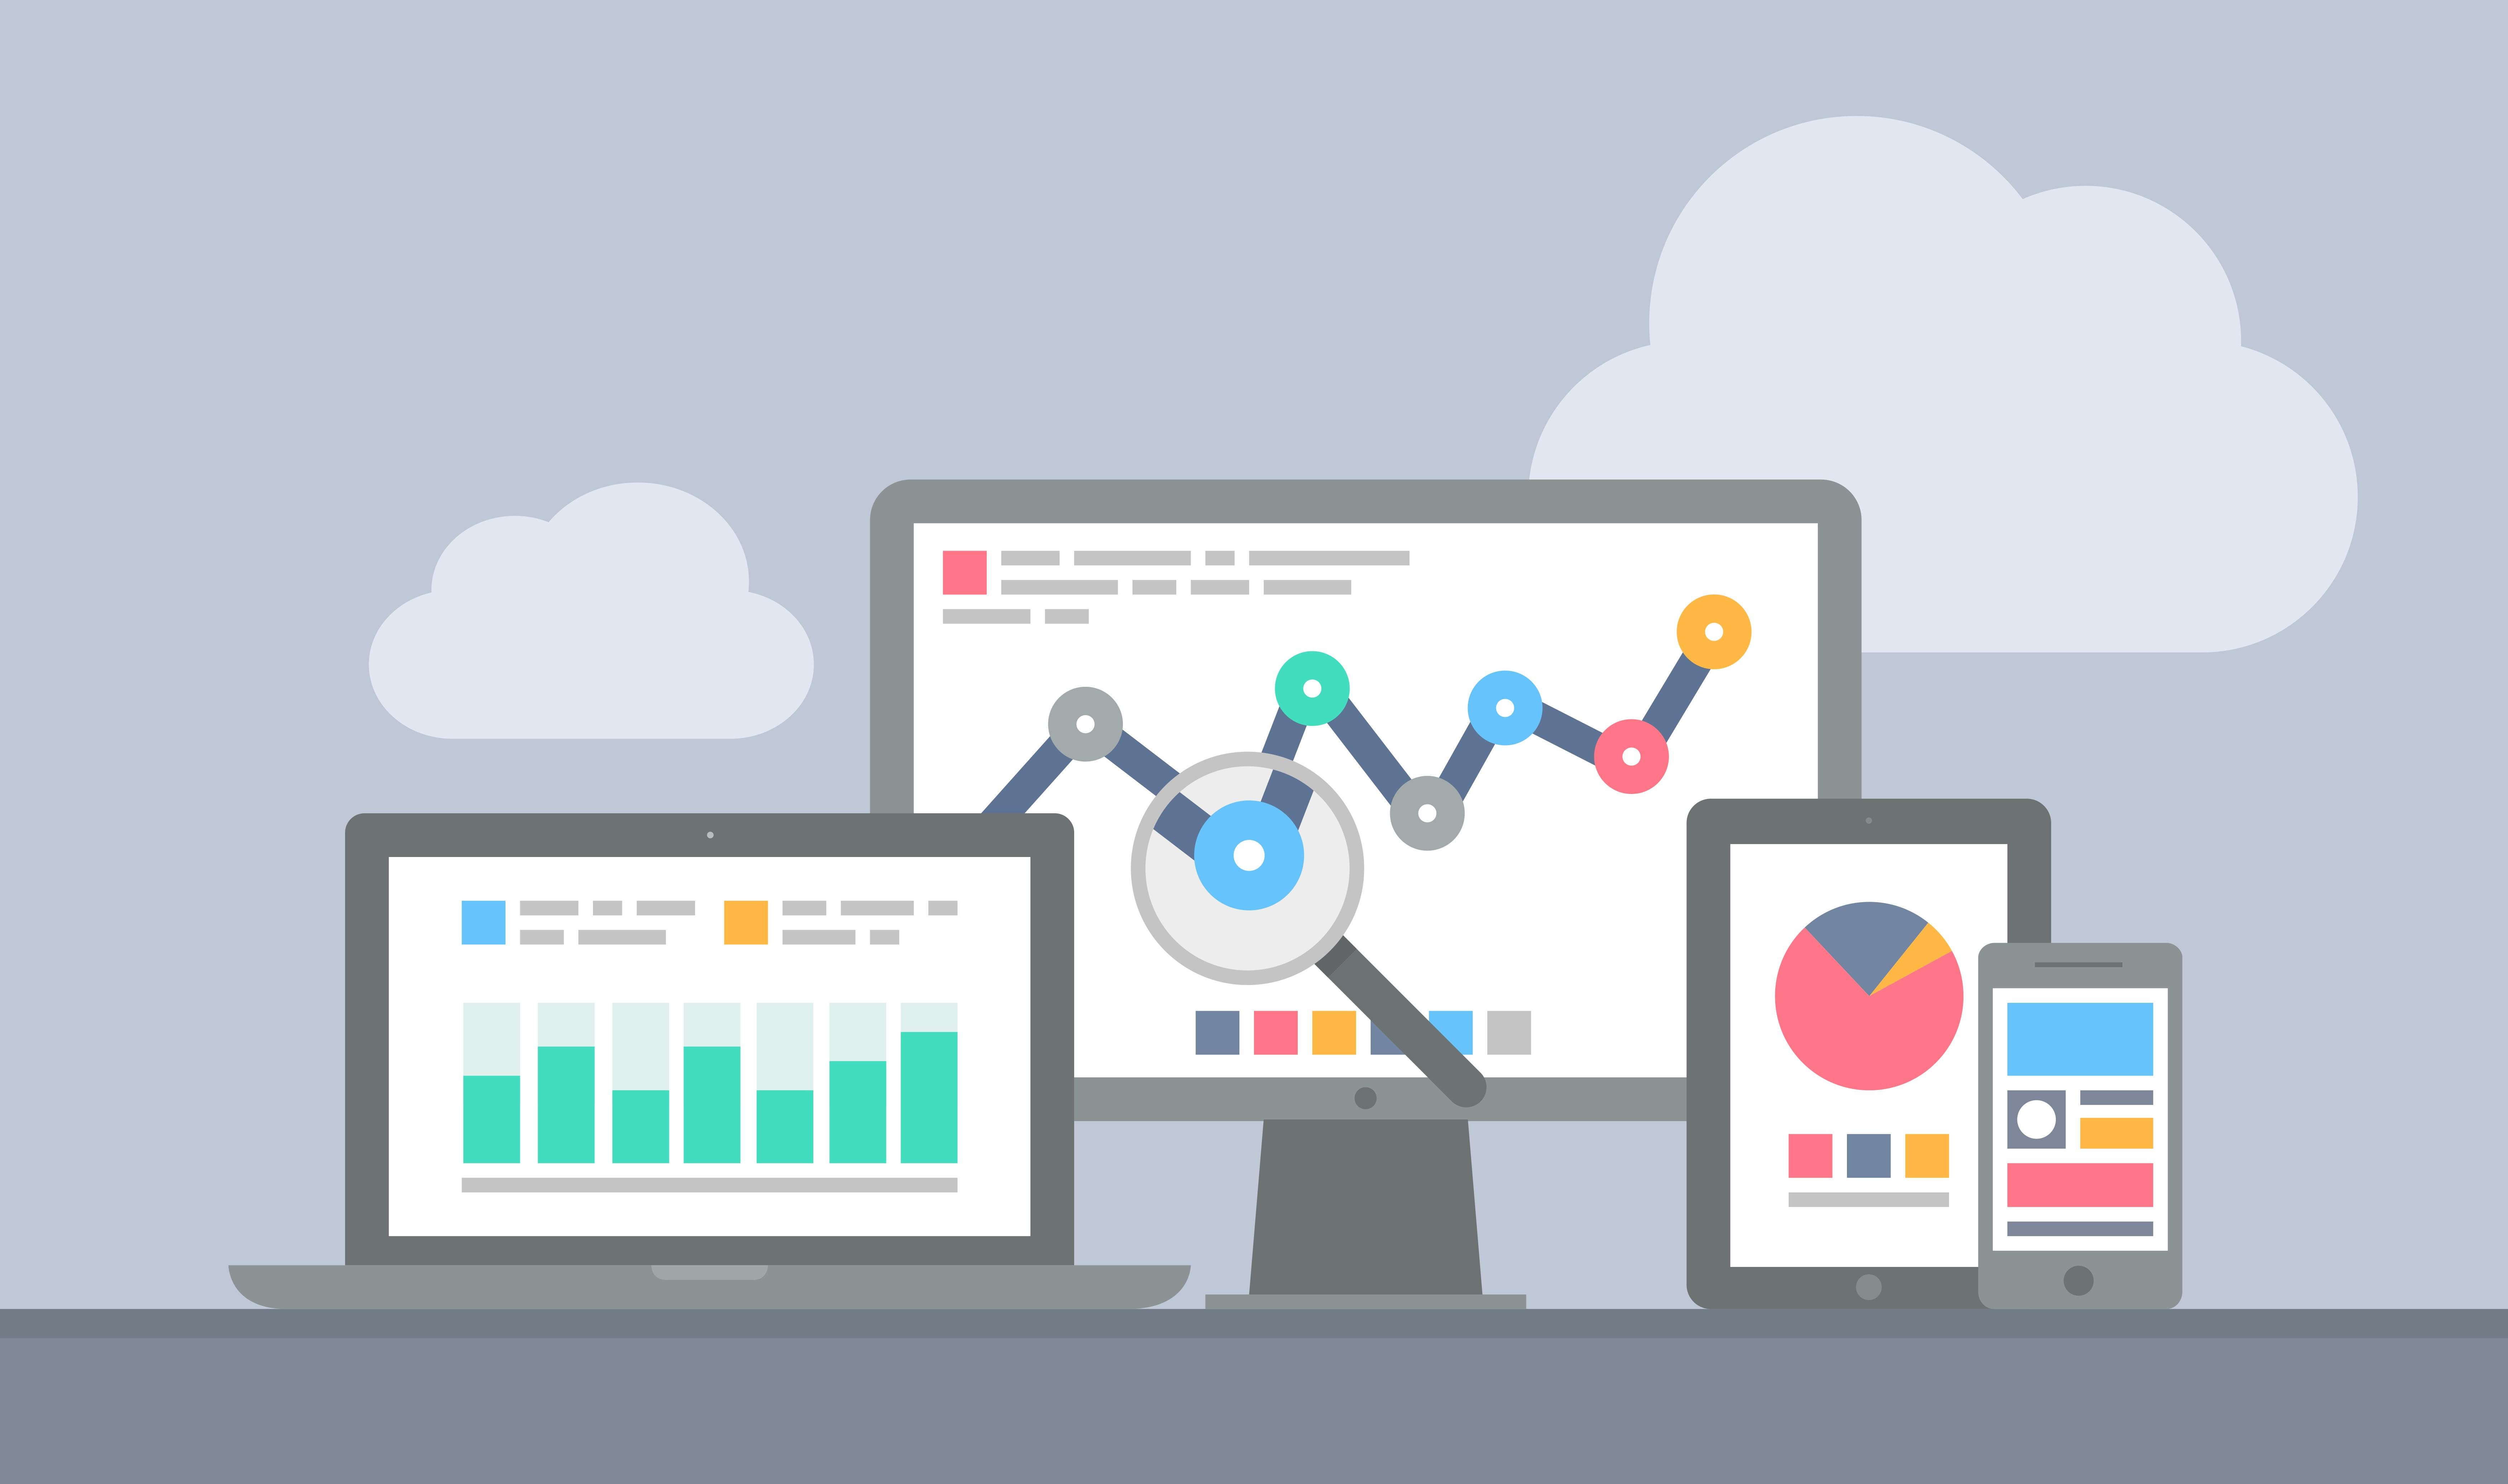 Bewertungen Izberg: Komplettplattform für Marketplaces - Appvizer